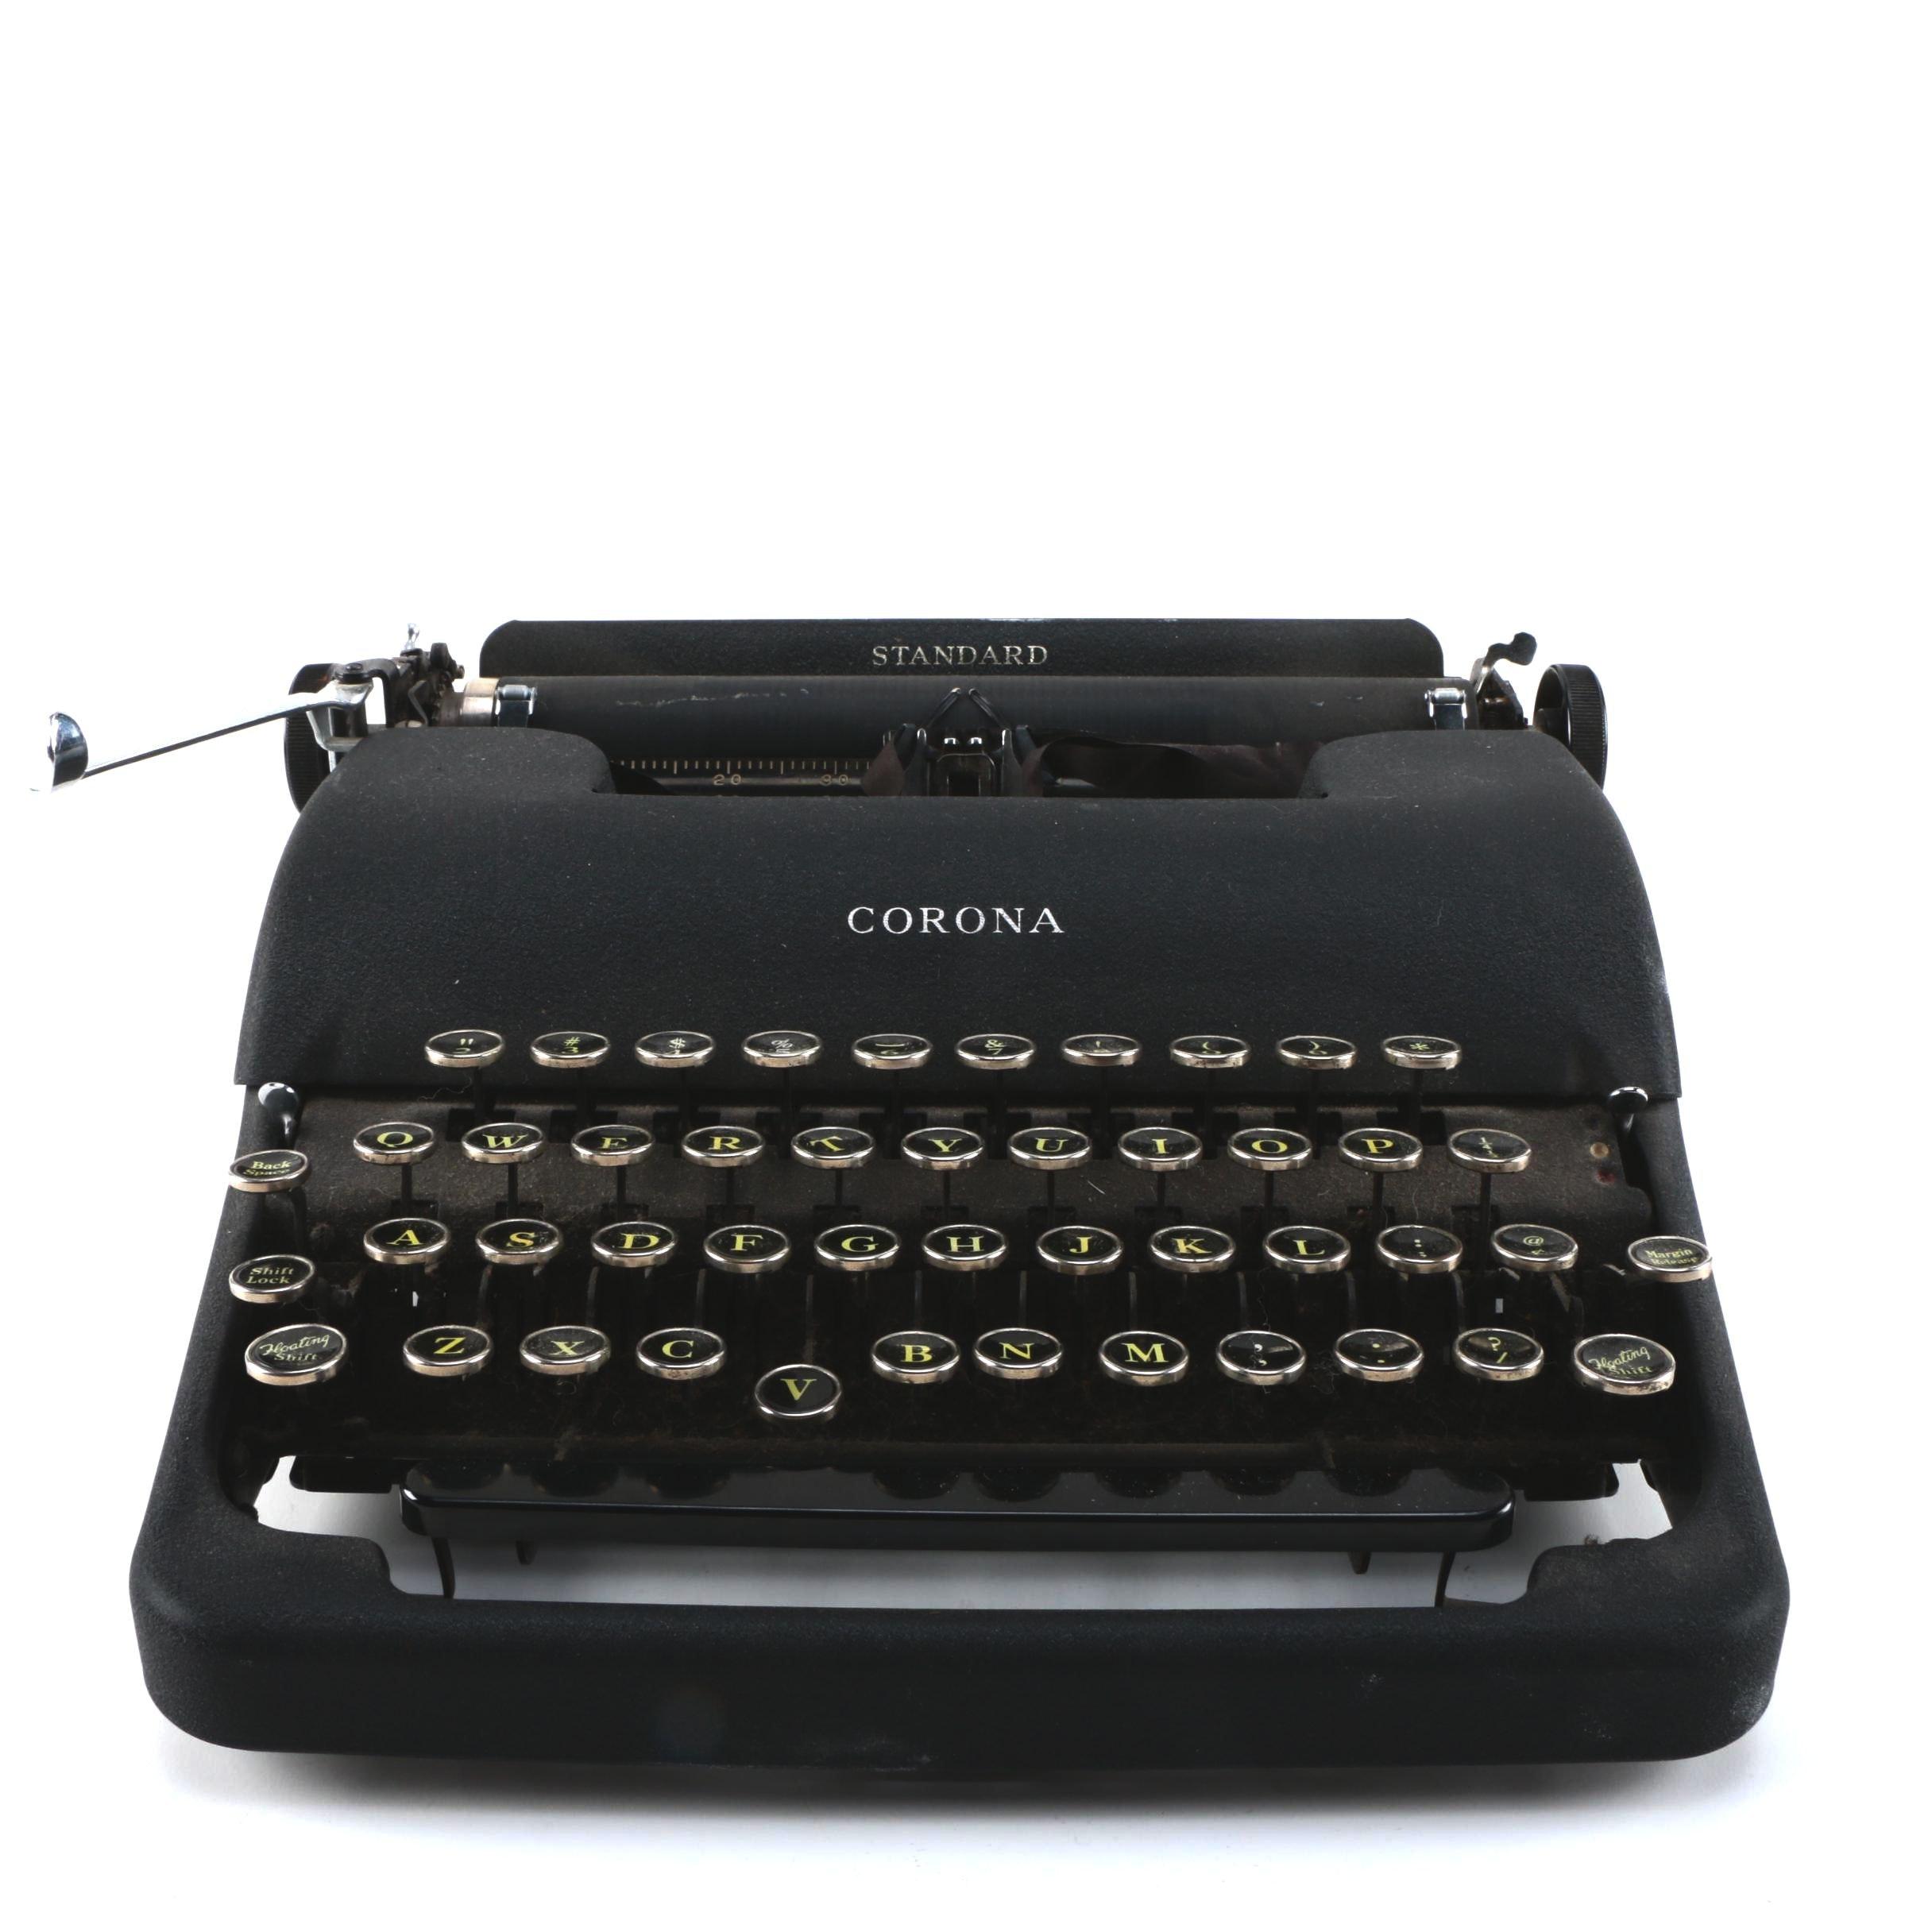 Standard Corona Typewriter